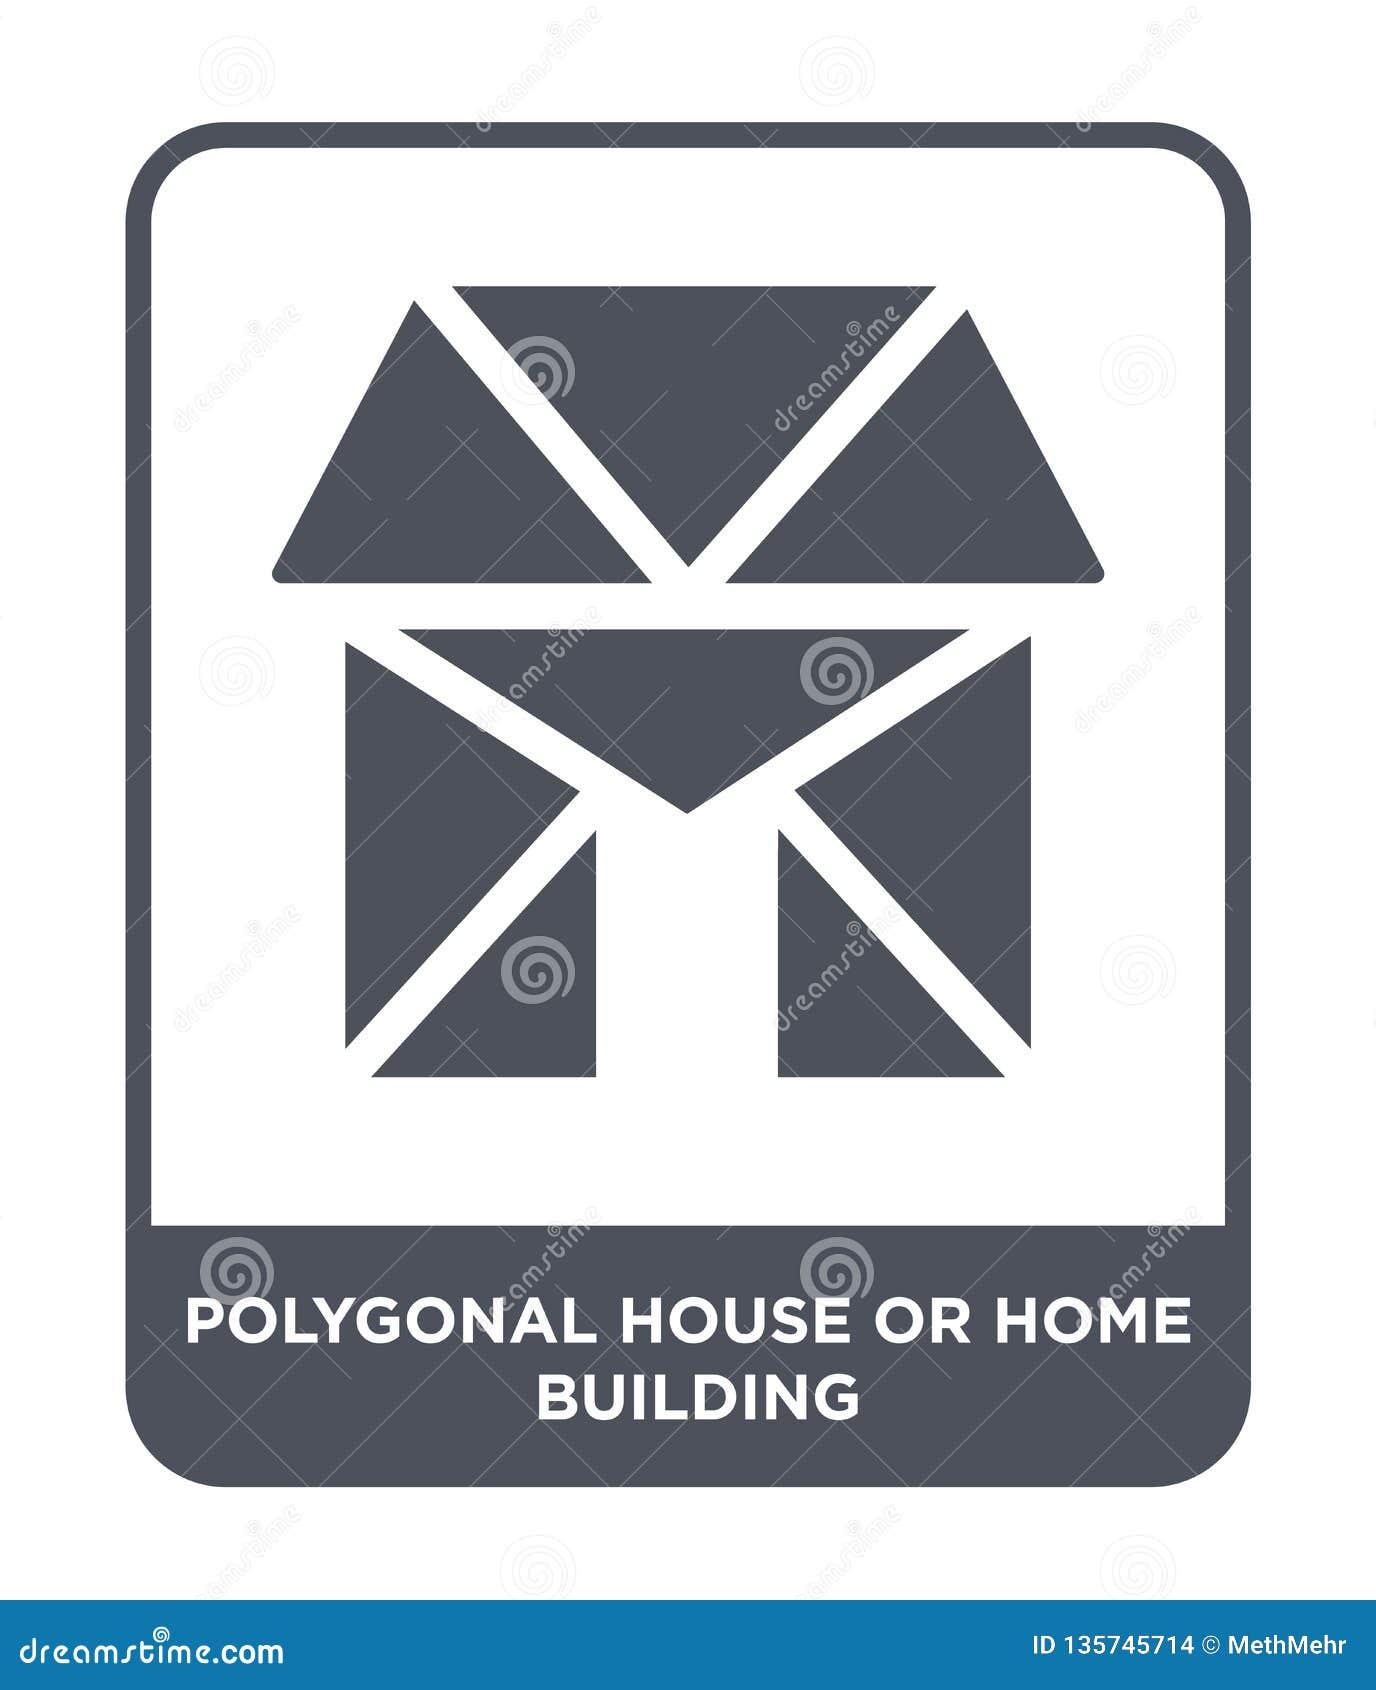 Icono poligonal de la casa o de la construcción en estilo de moda del diseño icono poligonal de la casa o de la construcción aisl